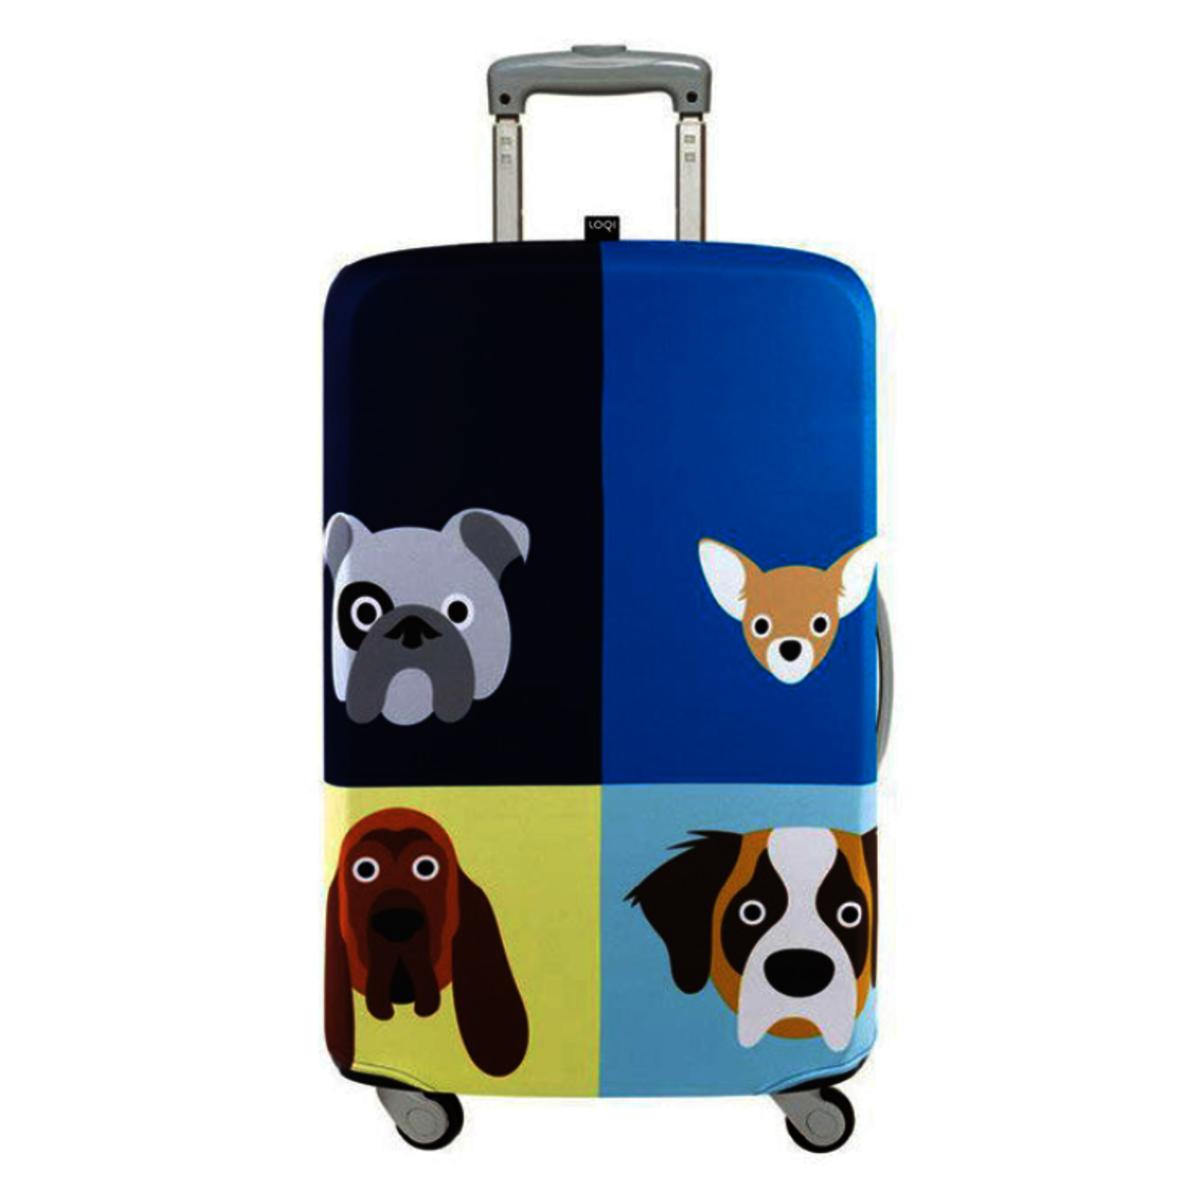 行李保護套 Luggage Cover (M) – STEPHEN CHEETHAM Dogs Luggage Cover